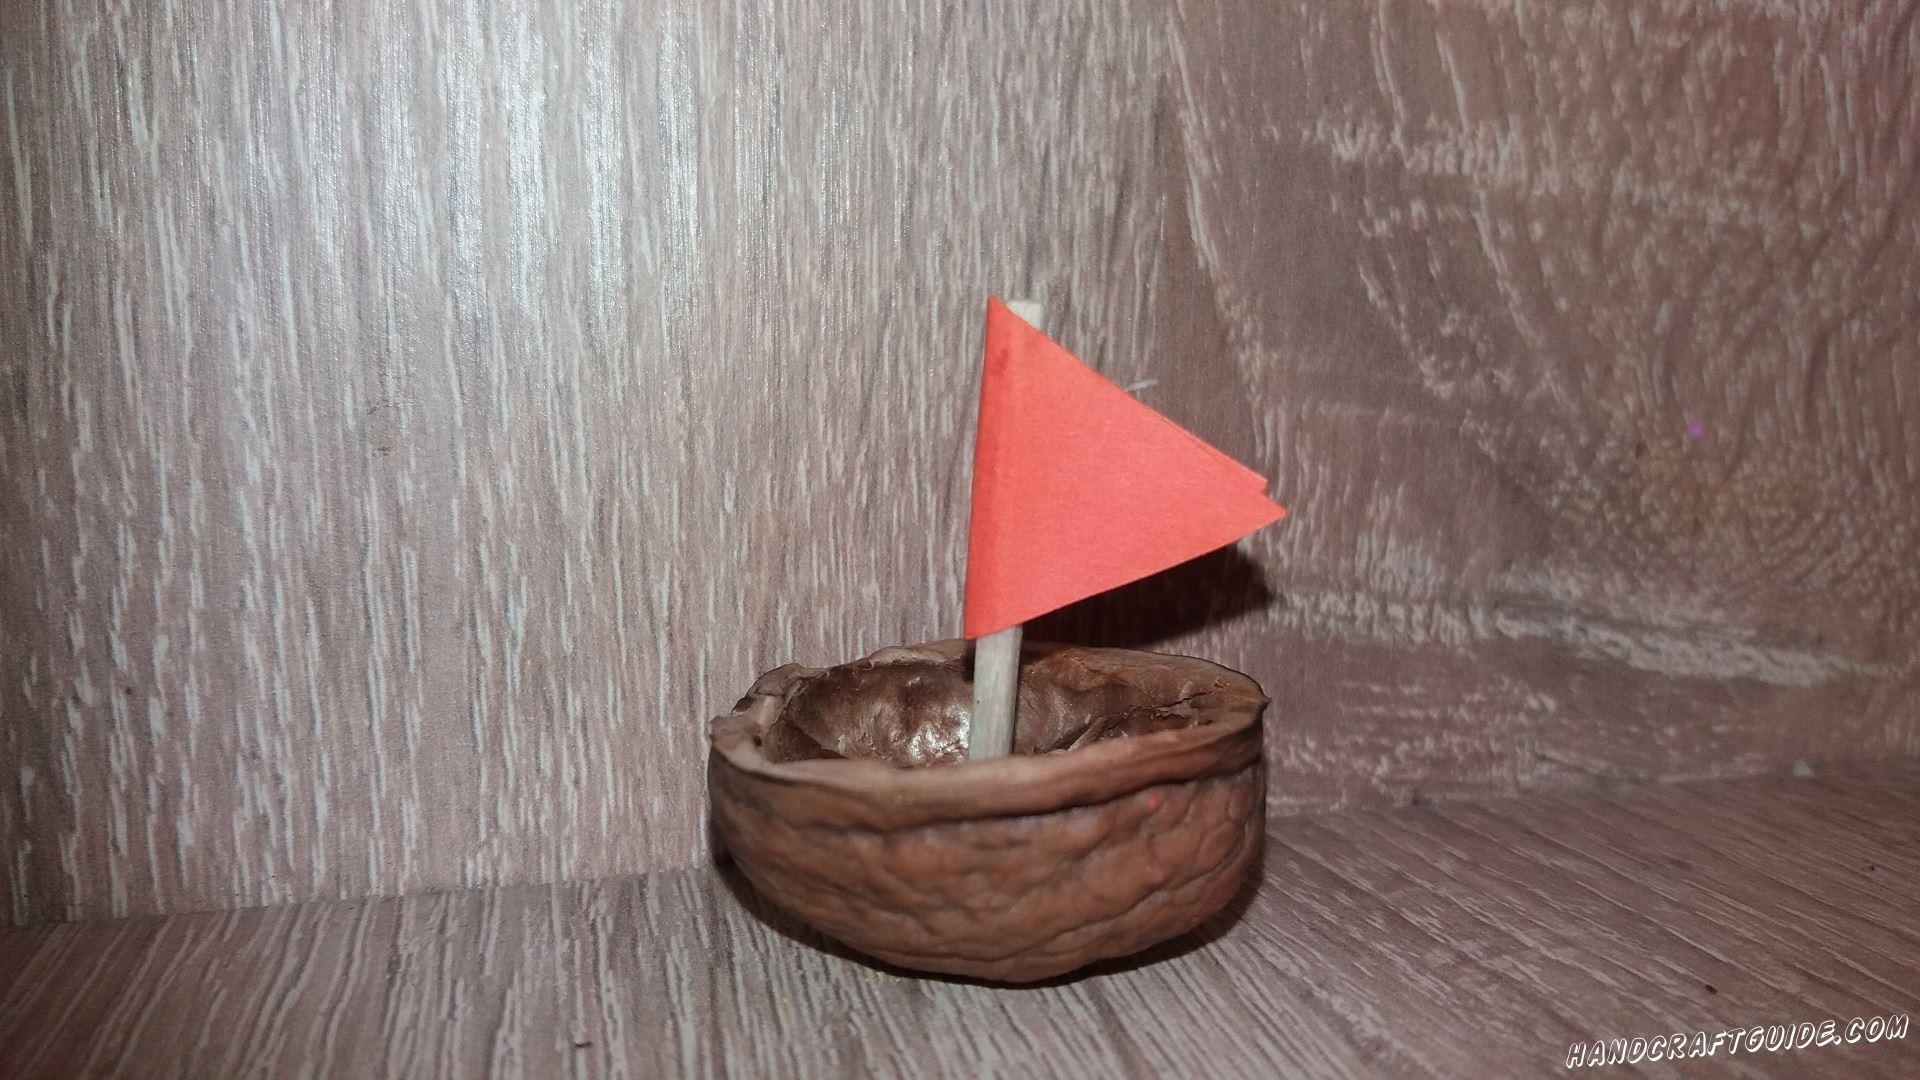 Добрый день, юным морякам. Сегодня мы сделаем замечательный кораблик из природных материалов.